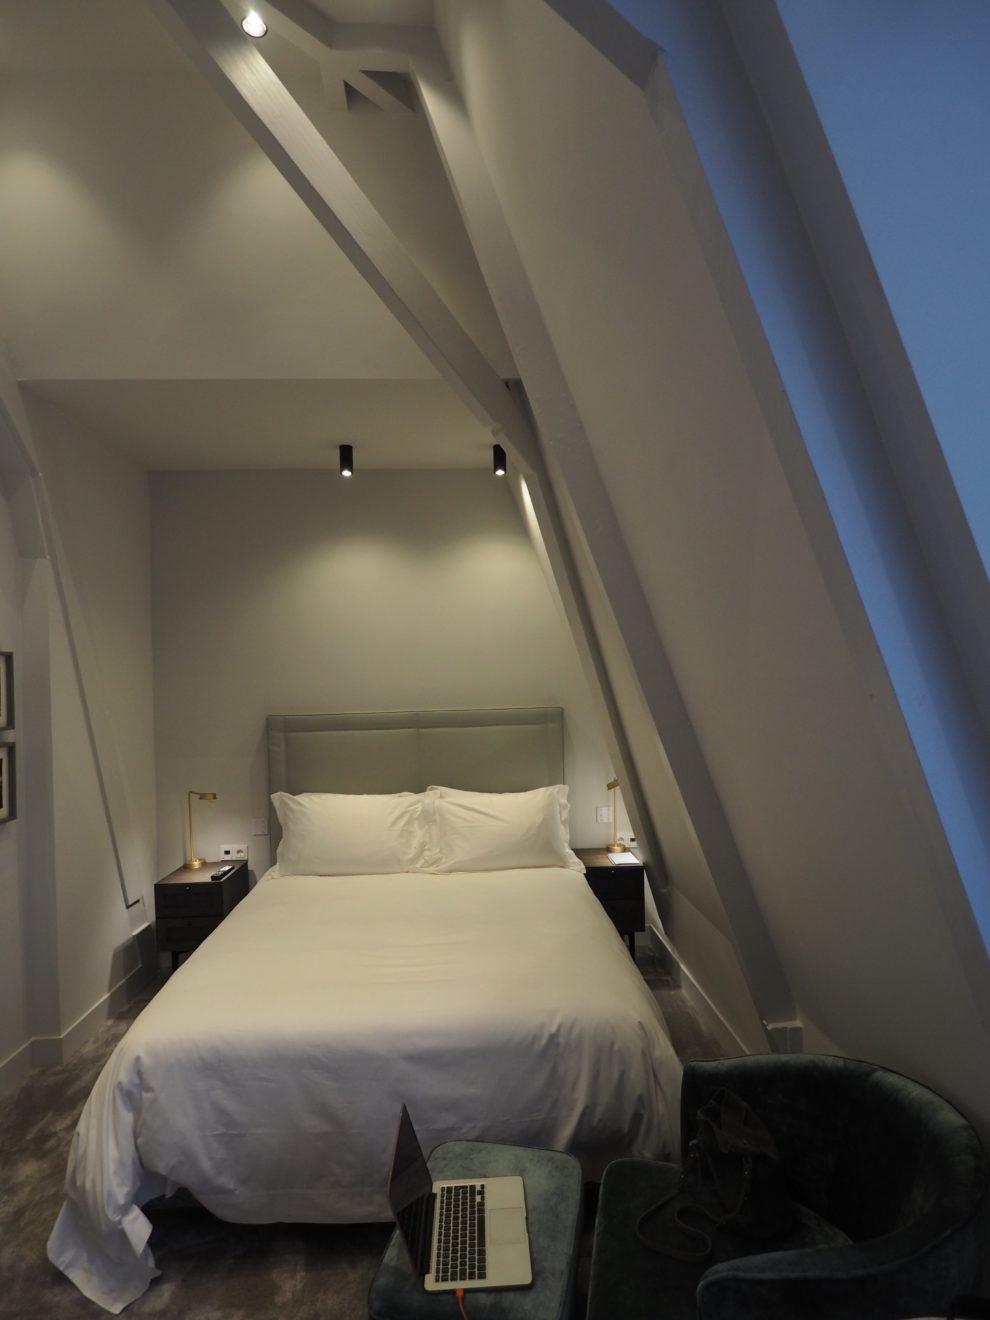 PILLOWS HOTEL AMSTERDAM HOTSPOTS